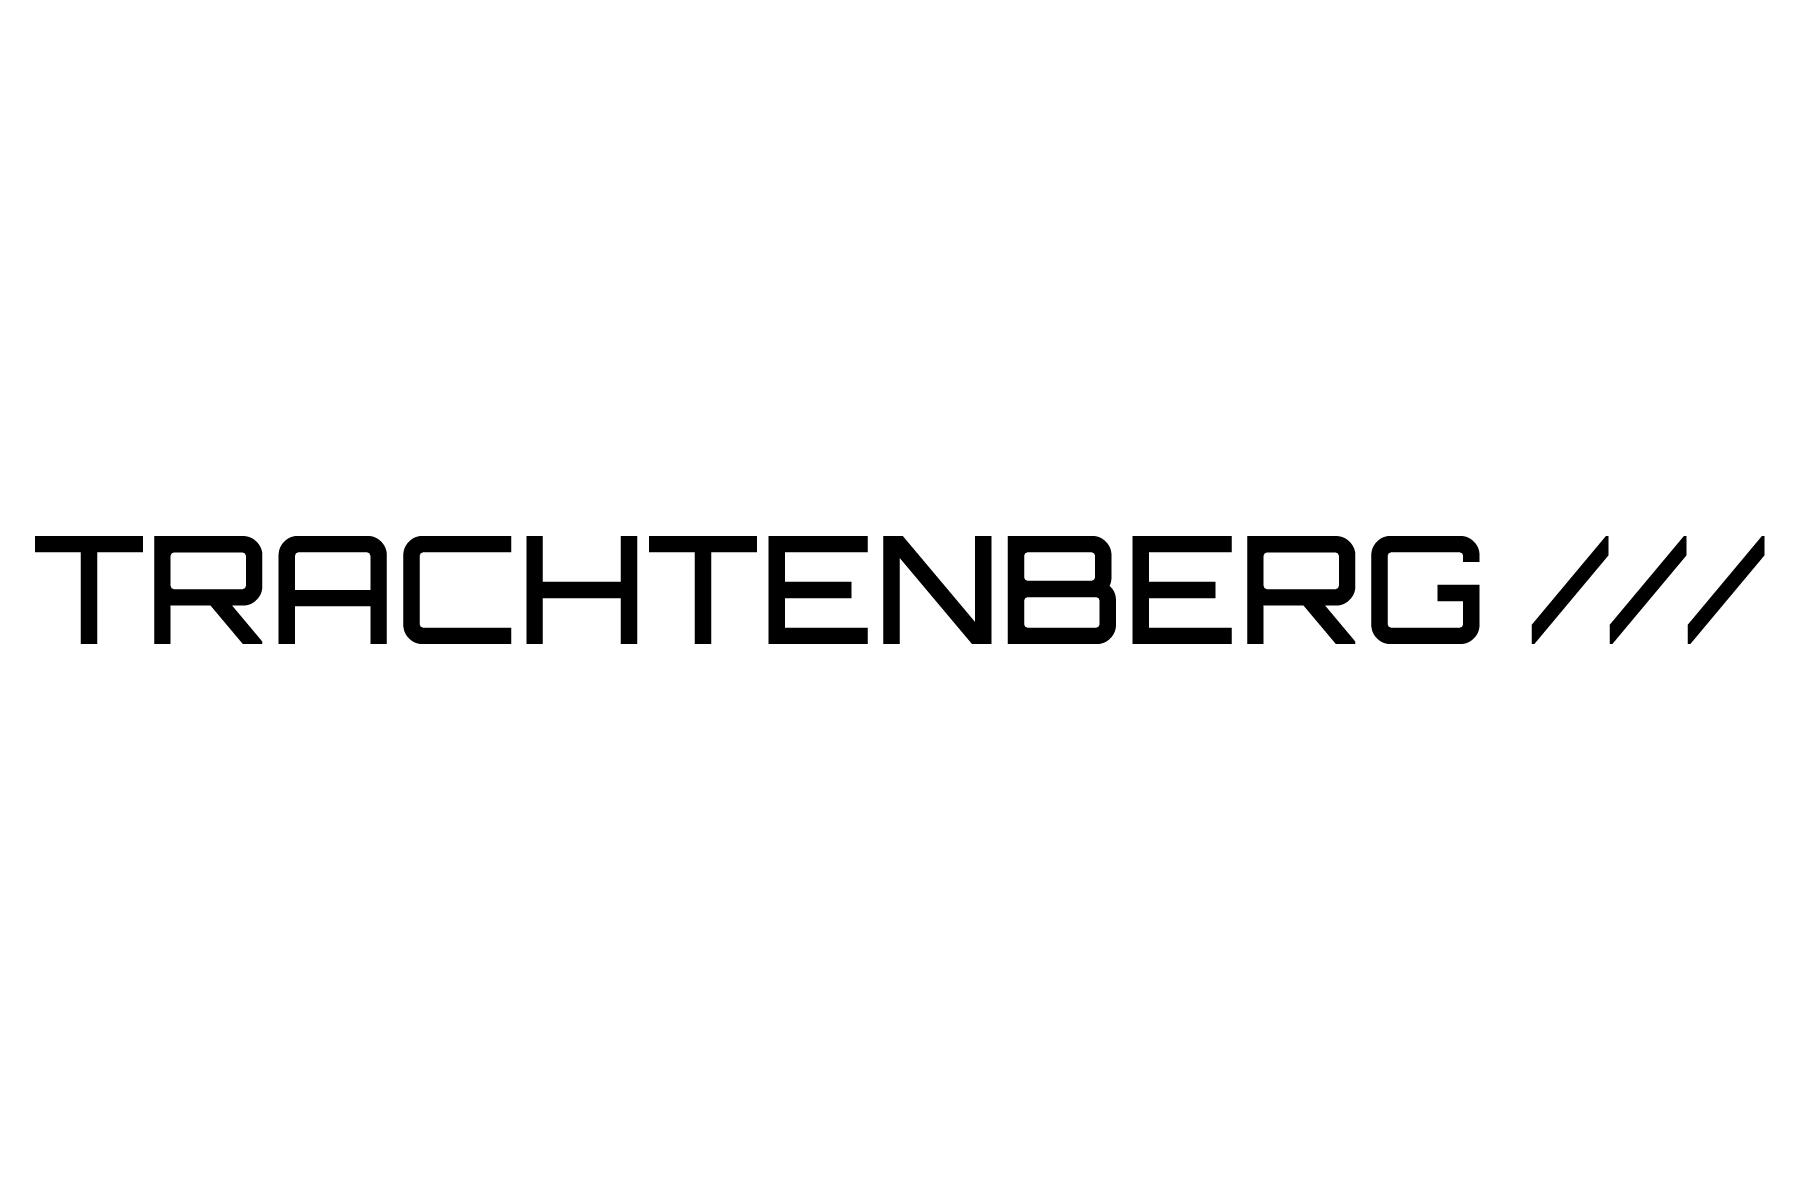 LOGO_PLACEHOLDER-01-01-01.jpg